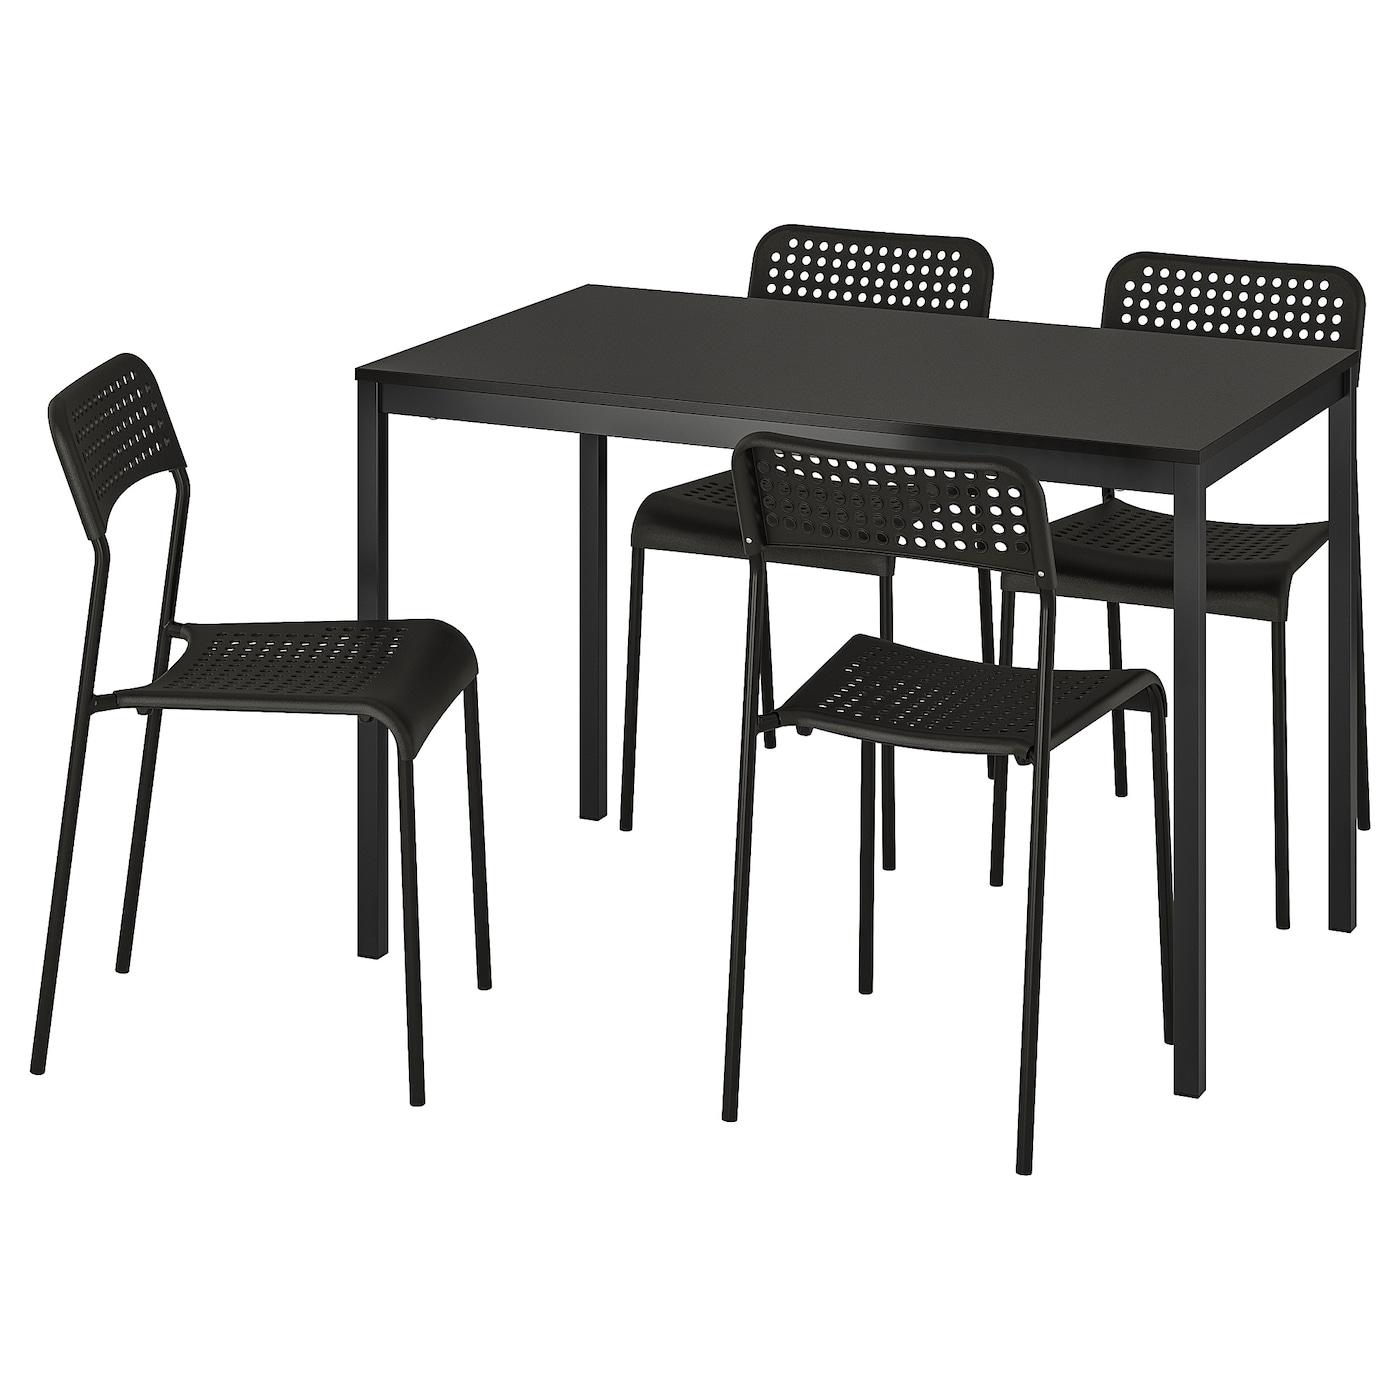 t rend adde table et 4 chaises noir ikea